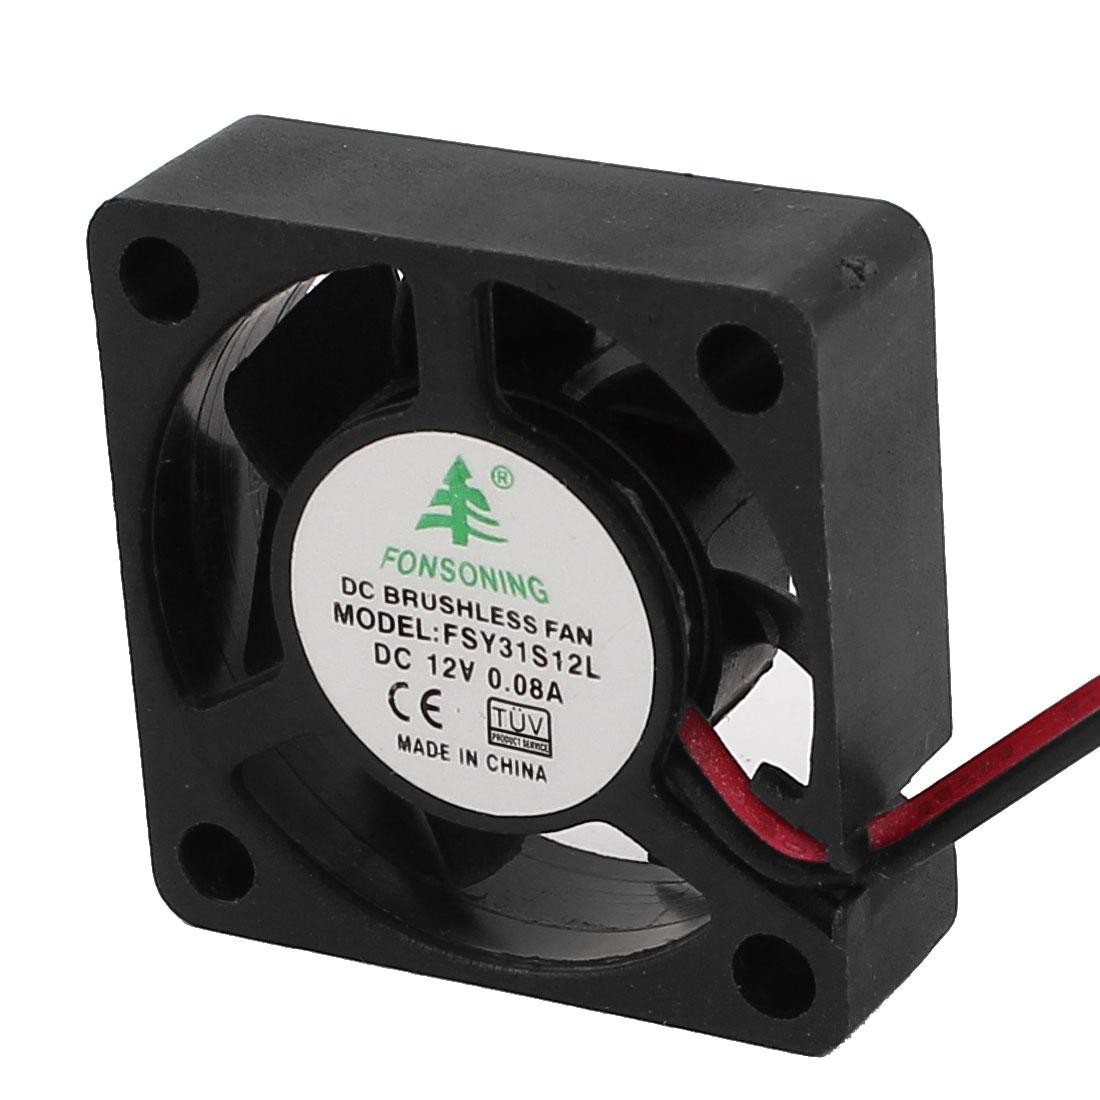 DC 12V 30mmx30mm Cooling Fan Black w Dustproof Mesh for PC Case CPU Cooler Radiator